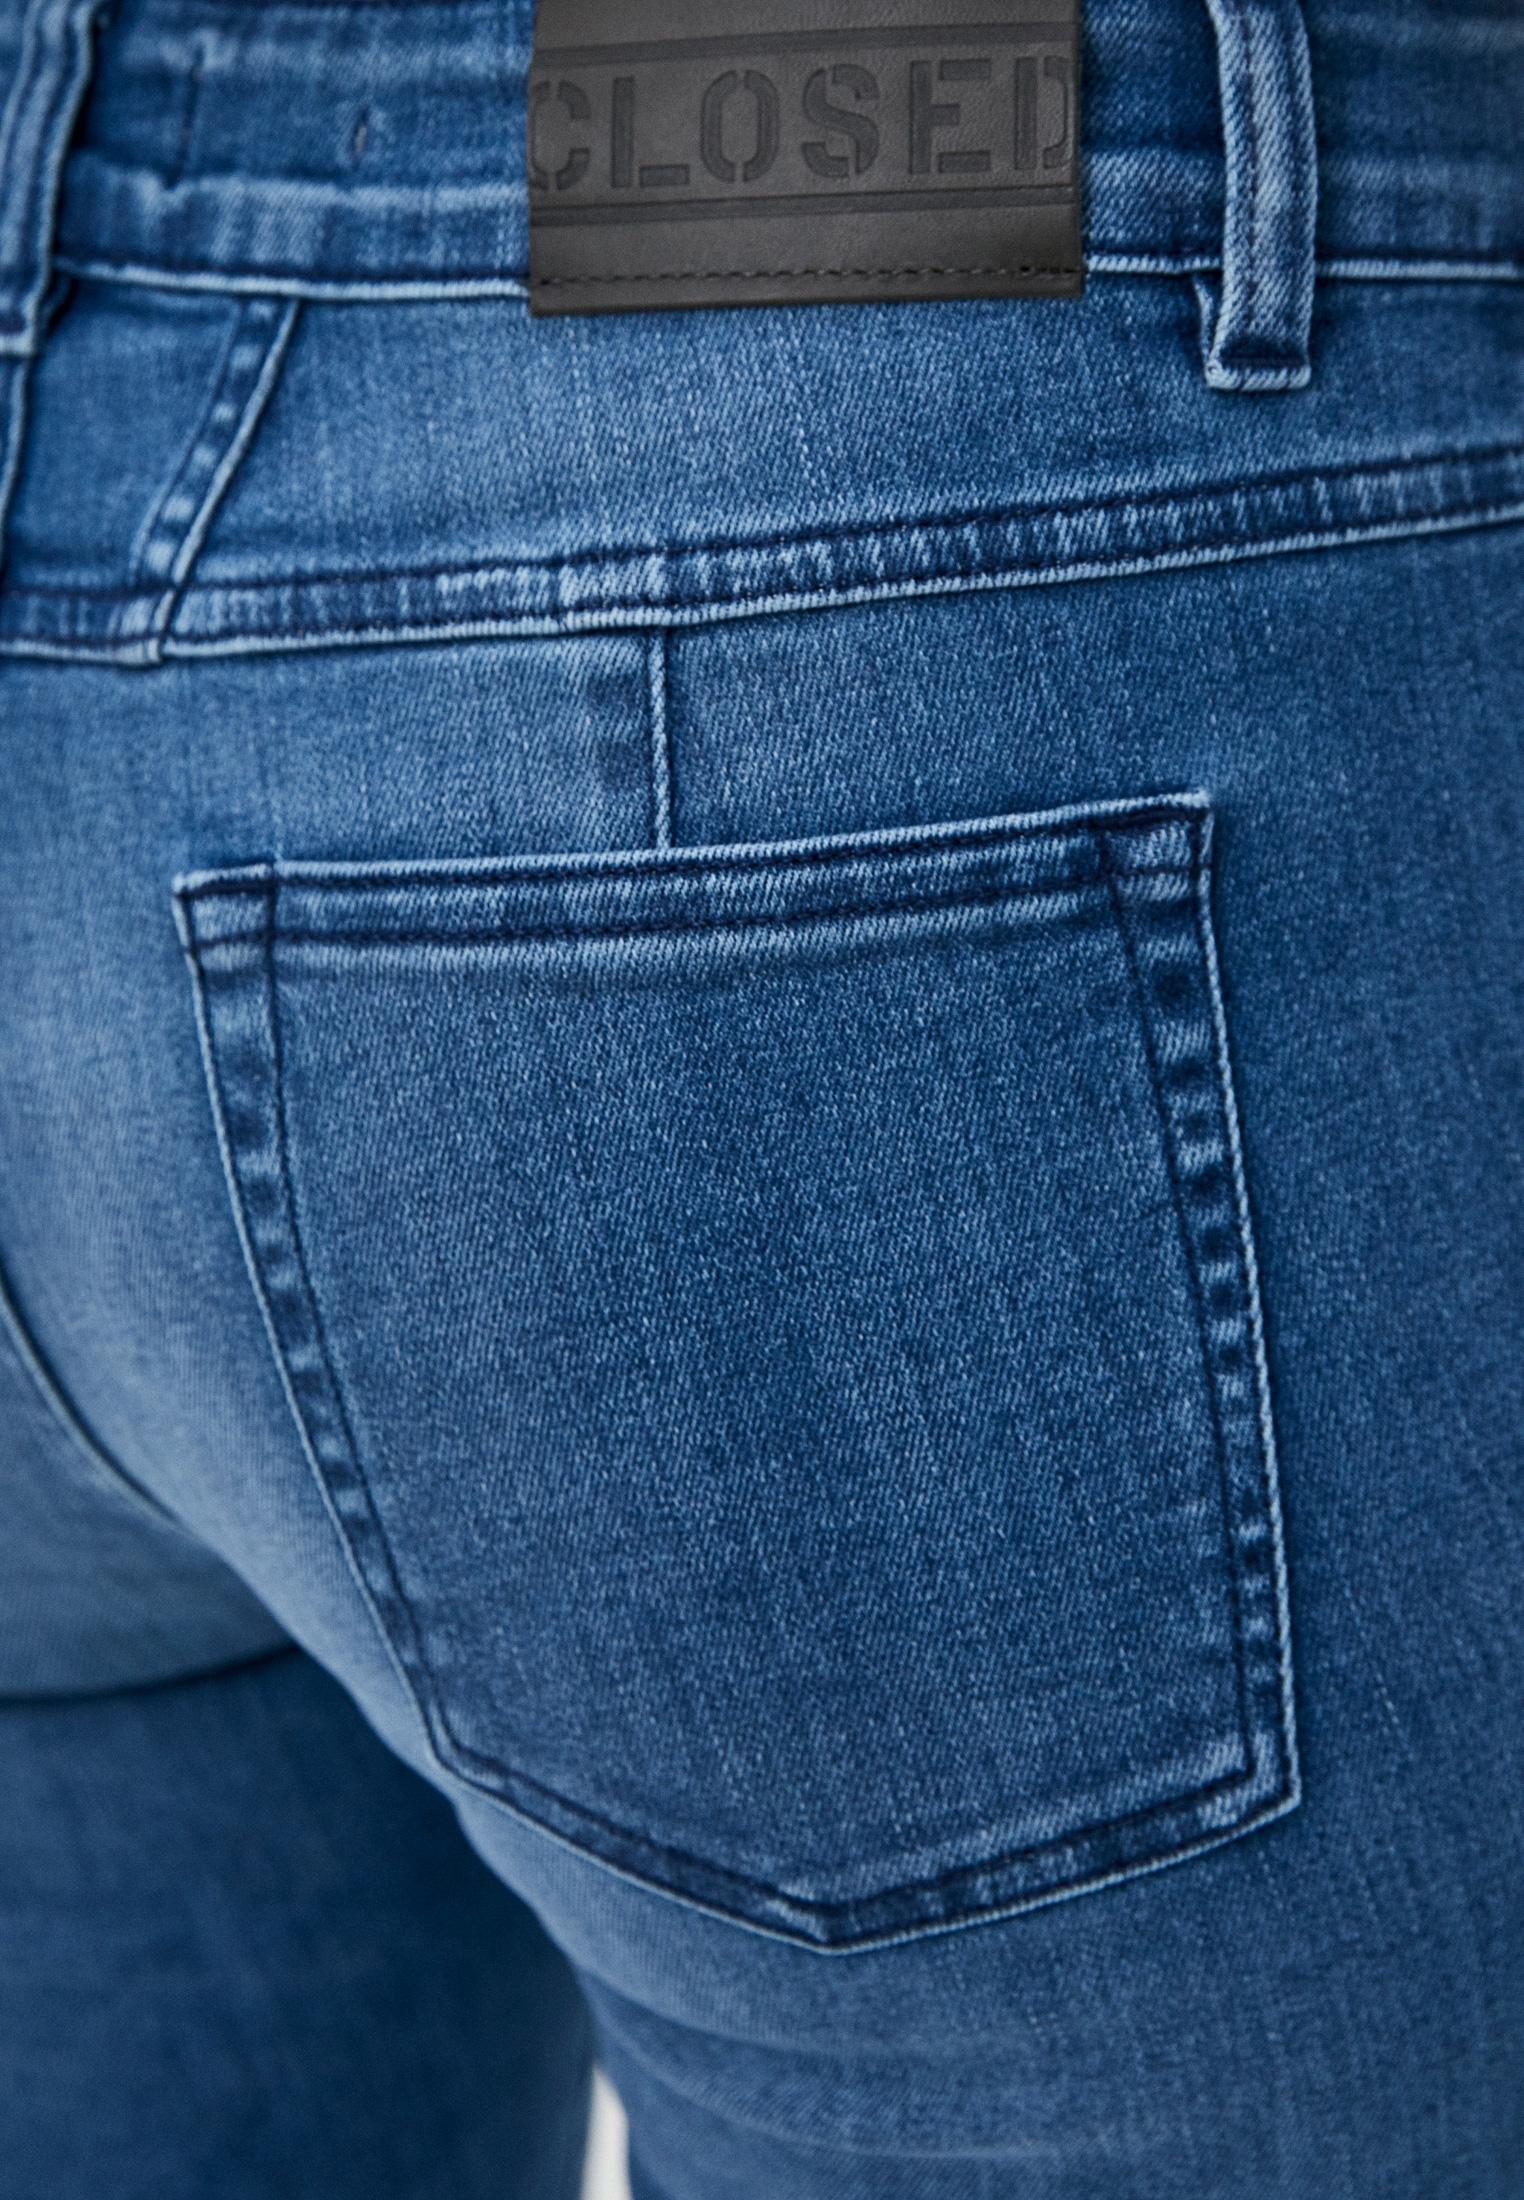 Зауженные джинсы Closed C91420-04R-2W: изображение 5